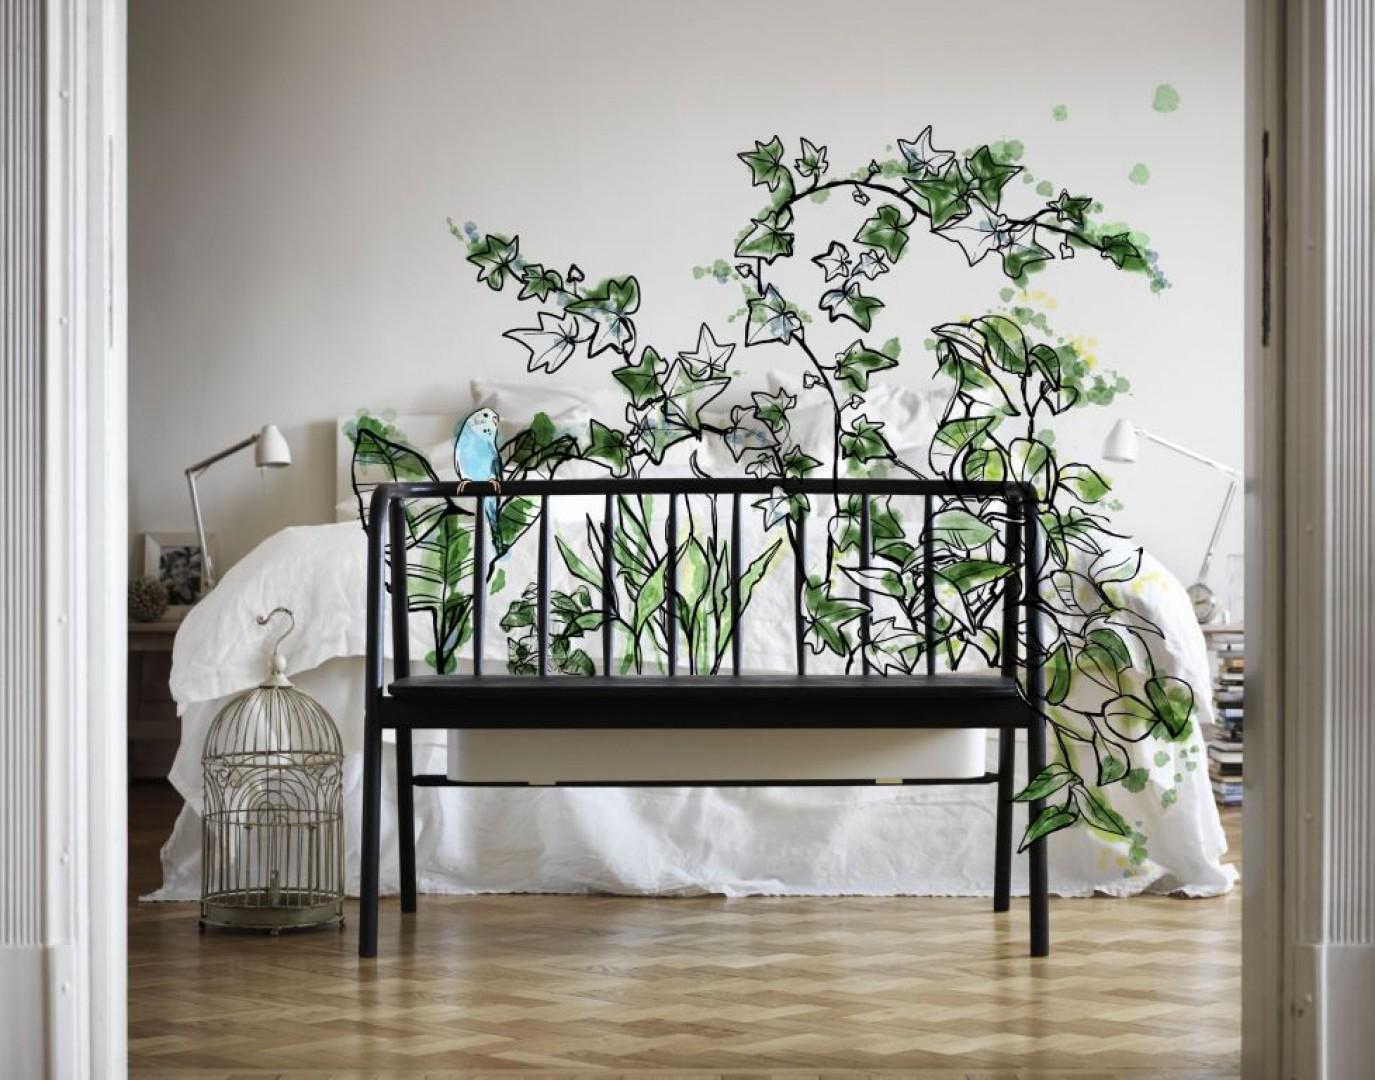 Wybieramy Meble Nowa Kolekcja Ikea Z Naturalnych